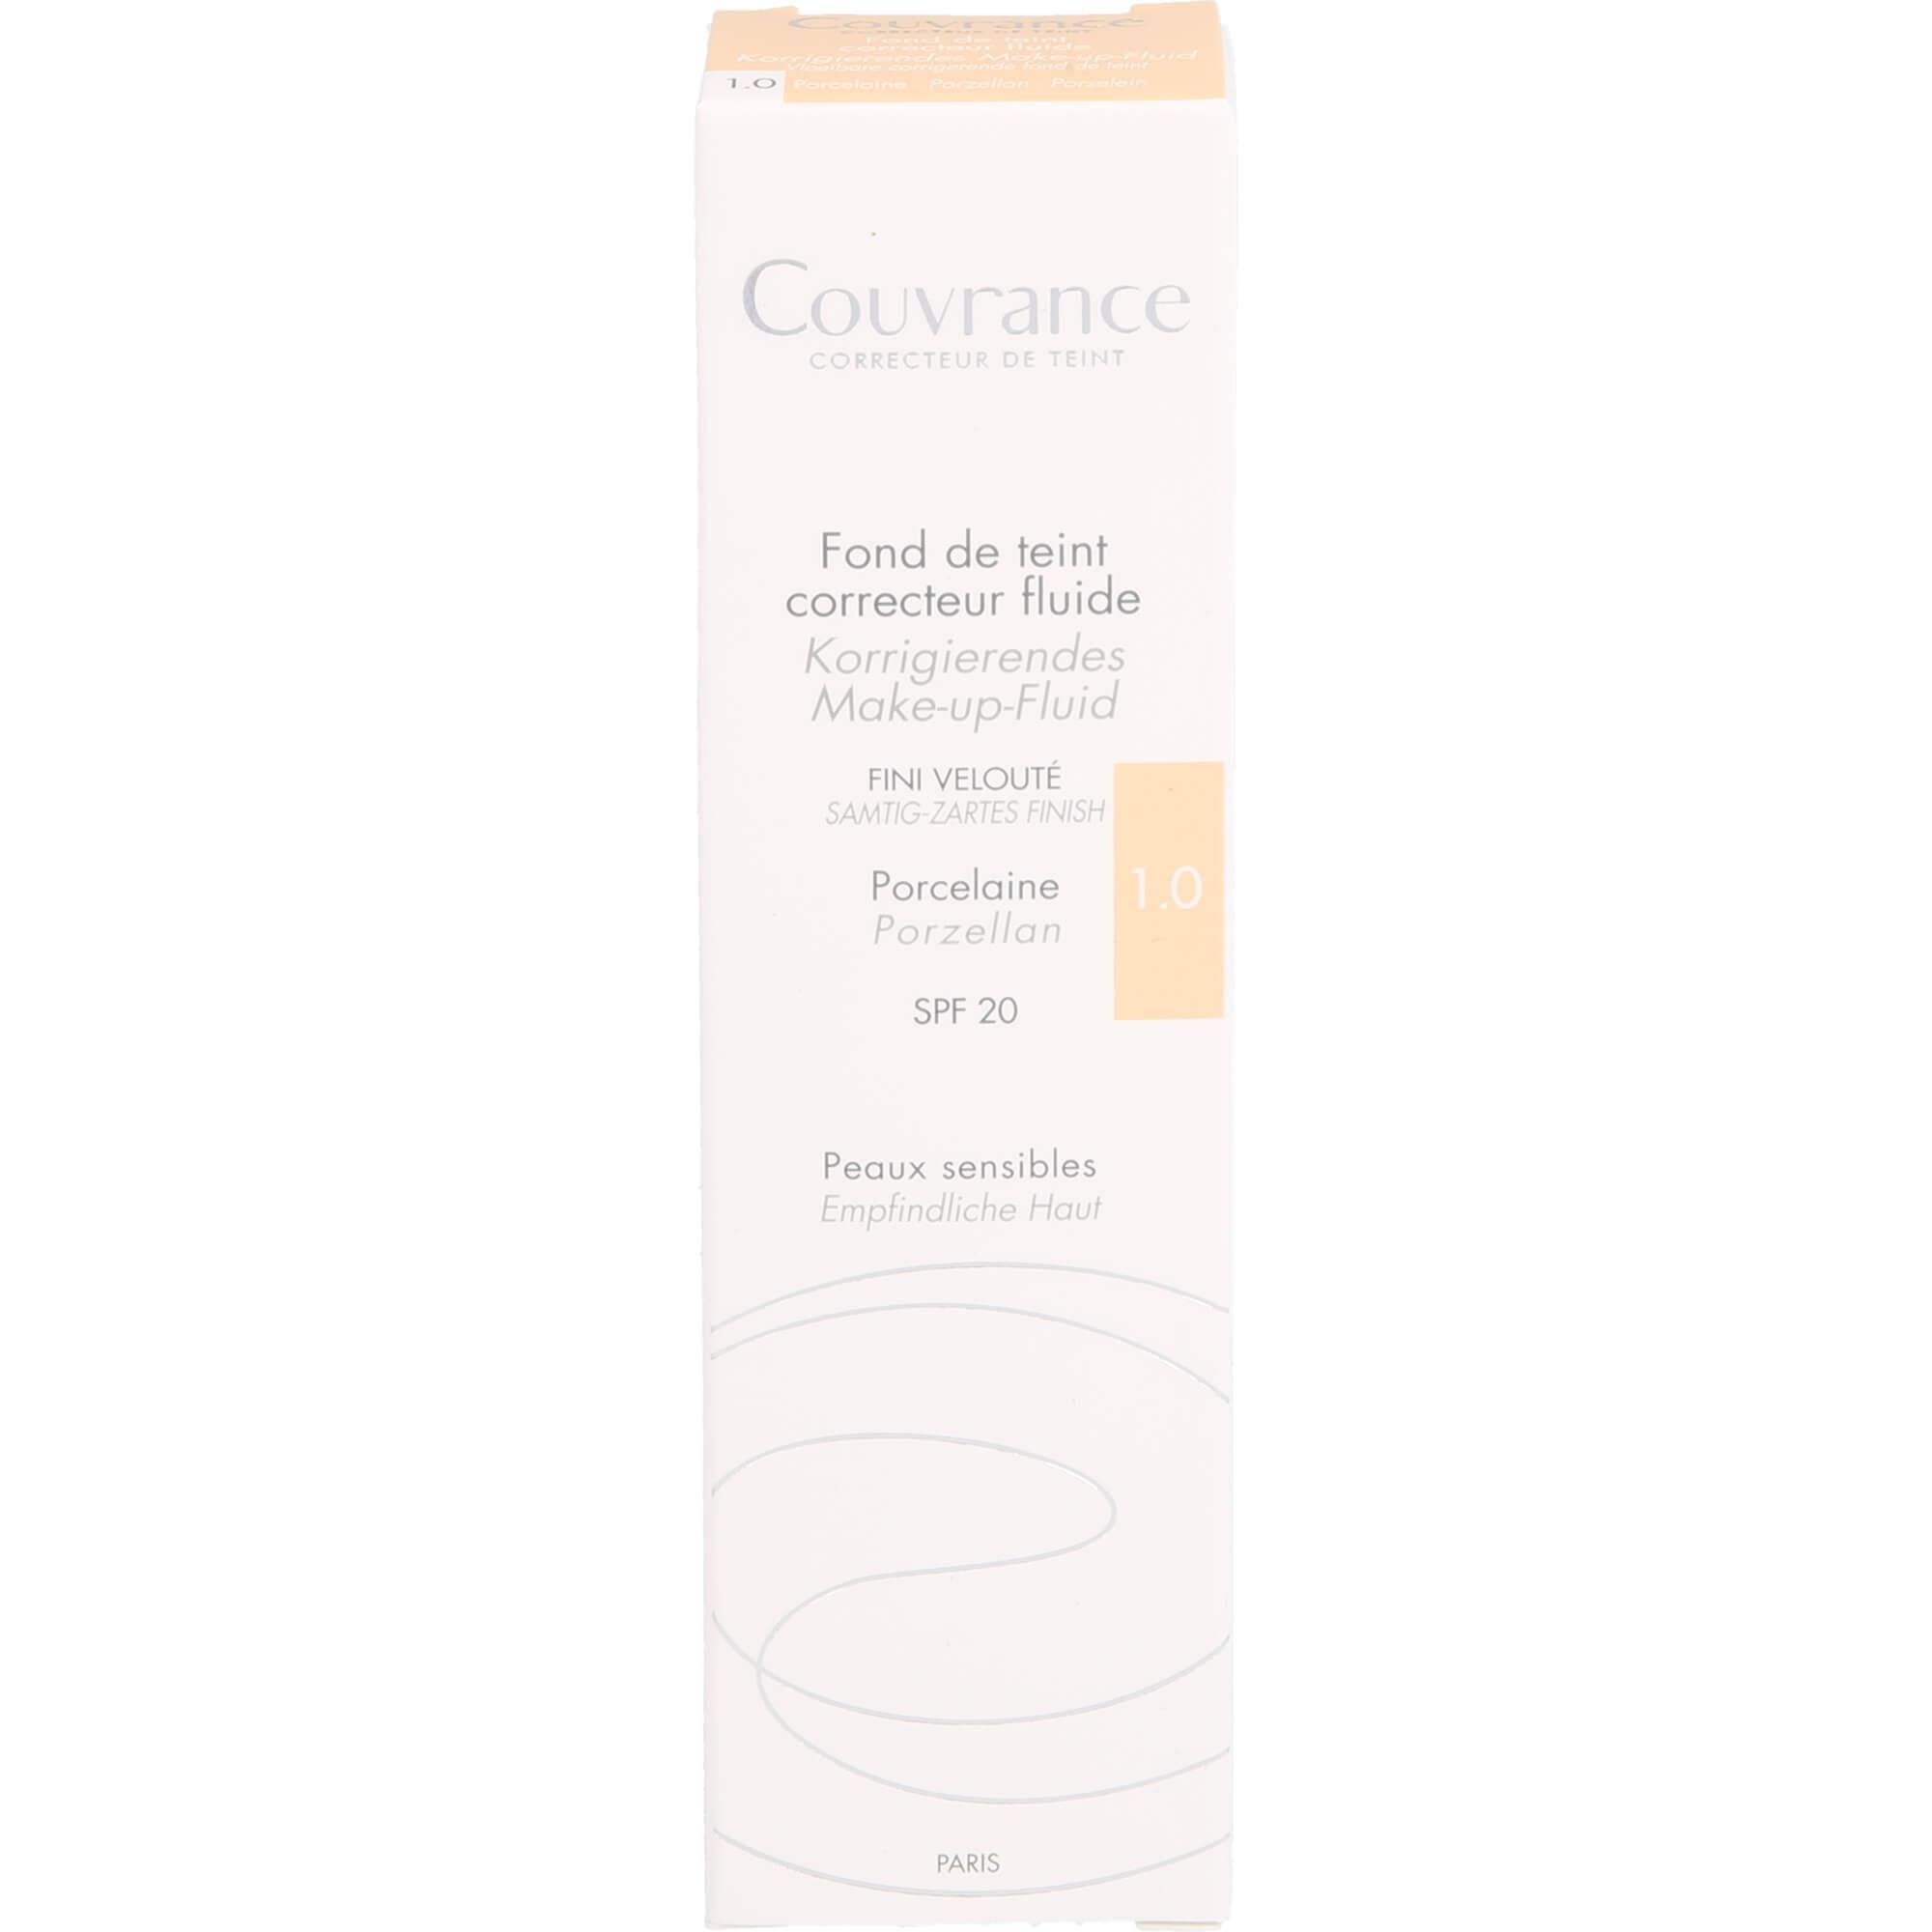 AVENE Couvrance korrigier.Make-up Fluid porzel.1.0